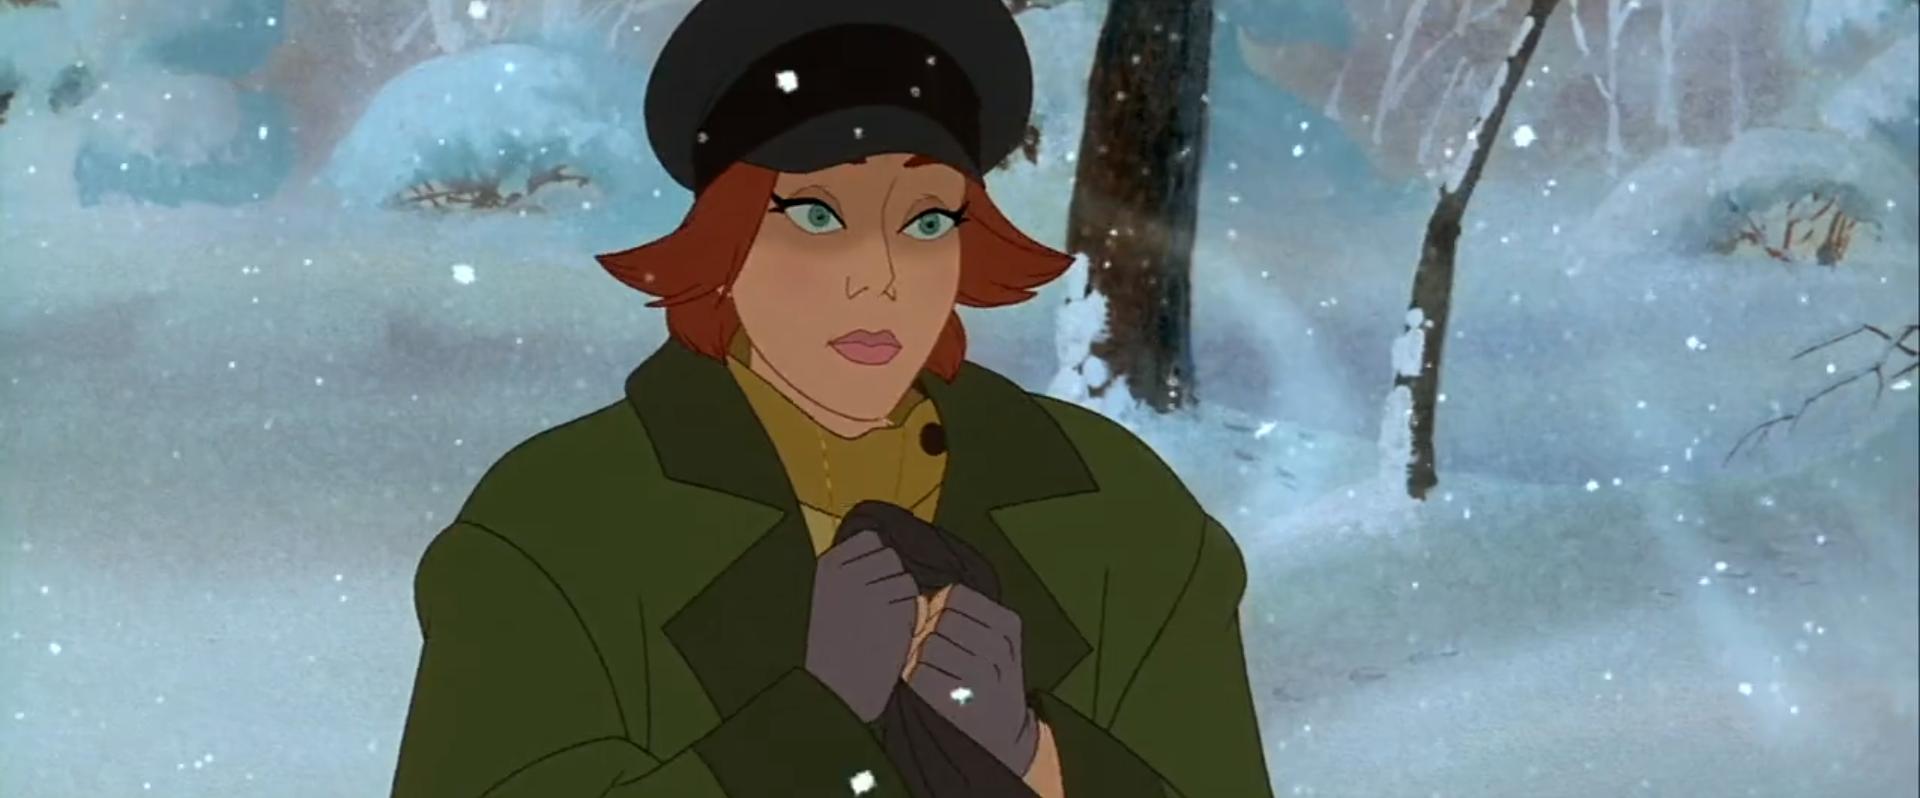 Anastasia film wikipedia